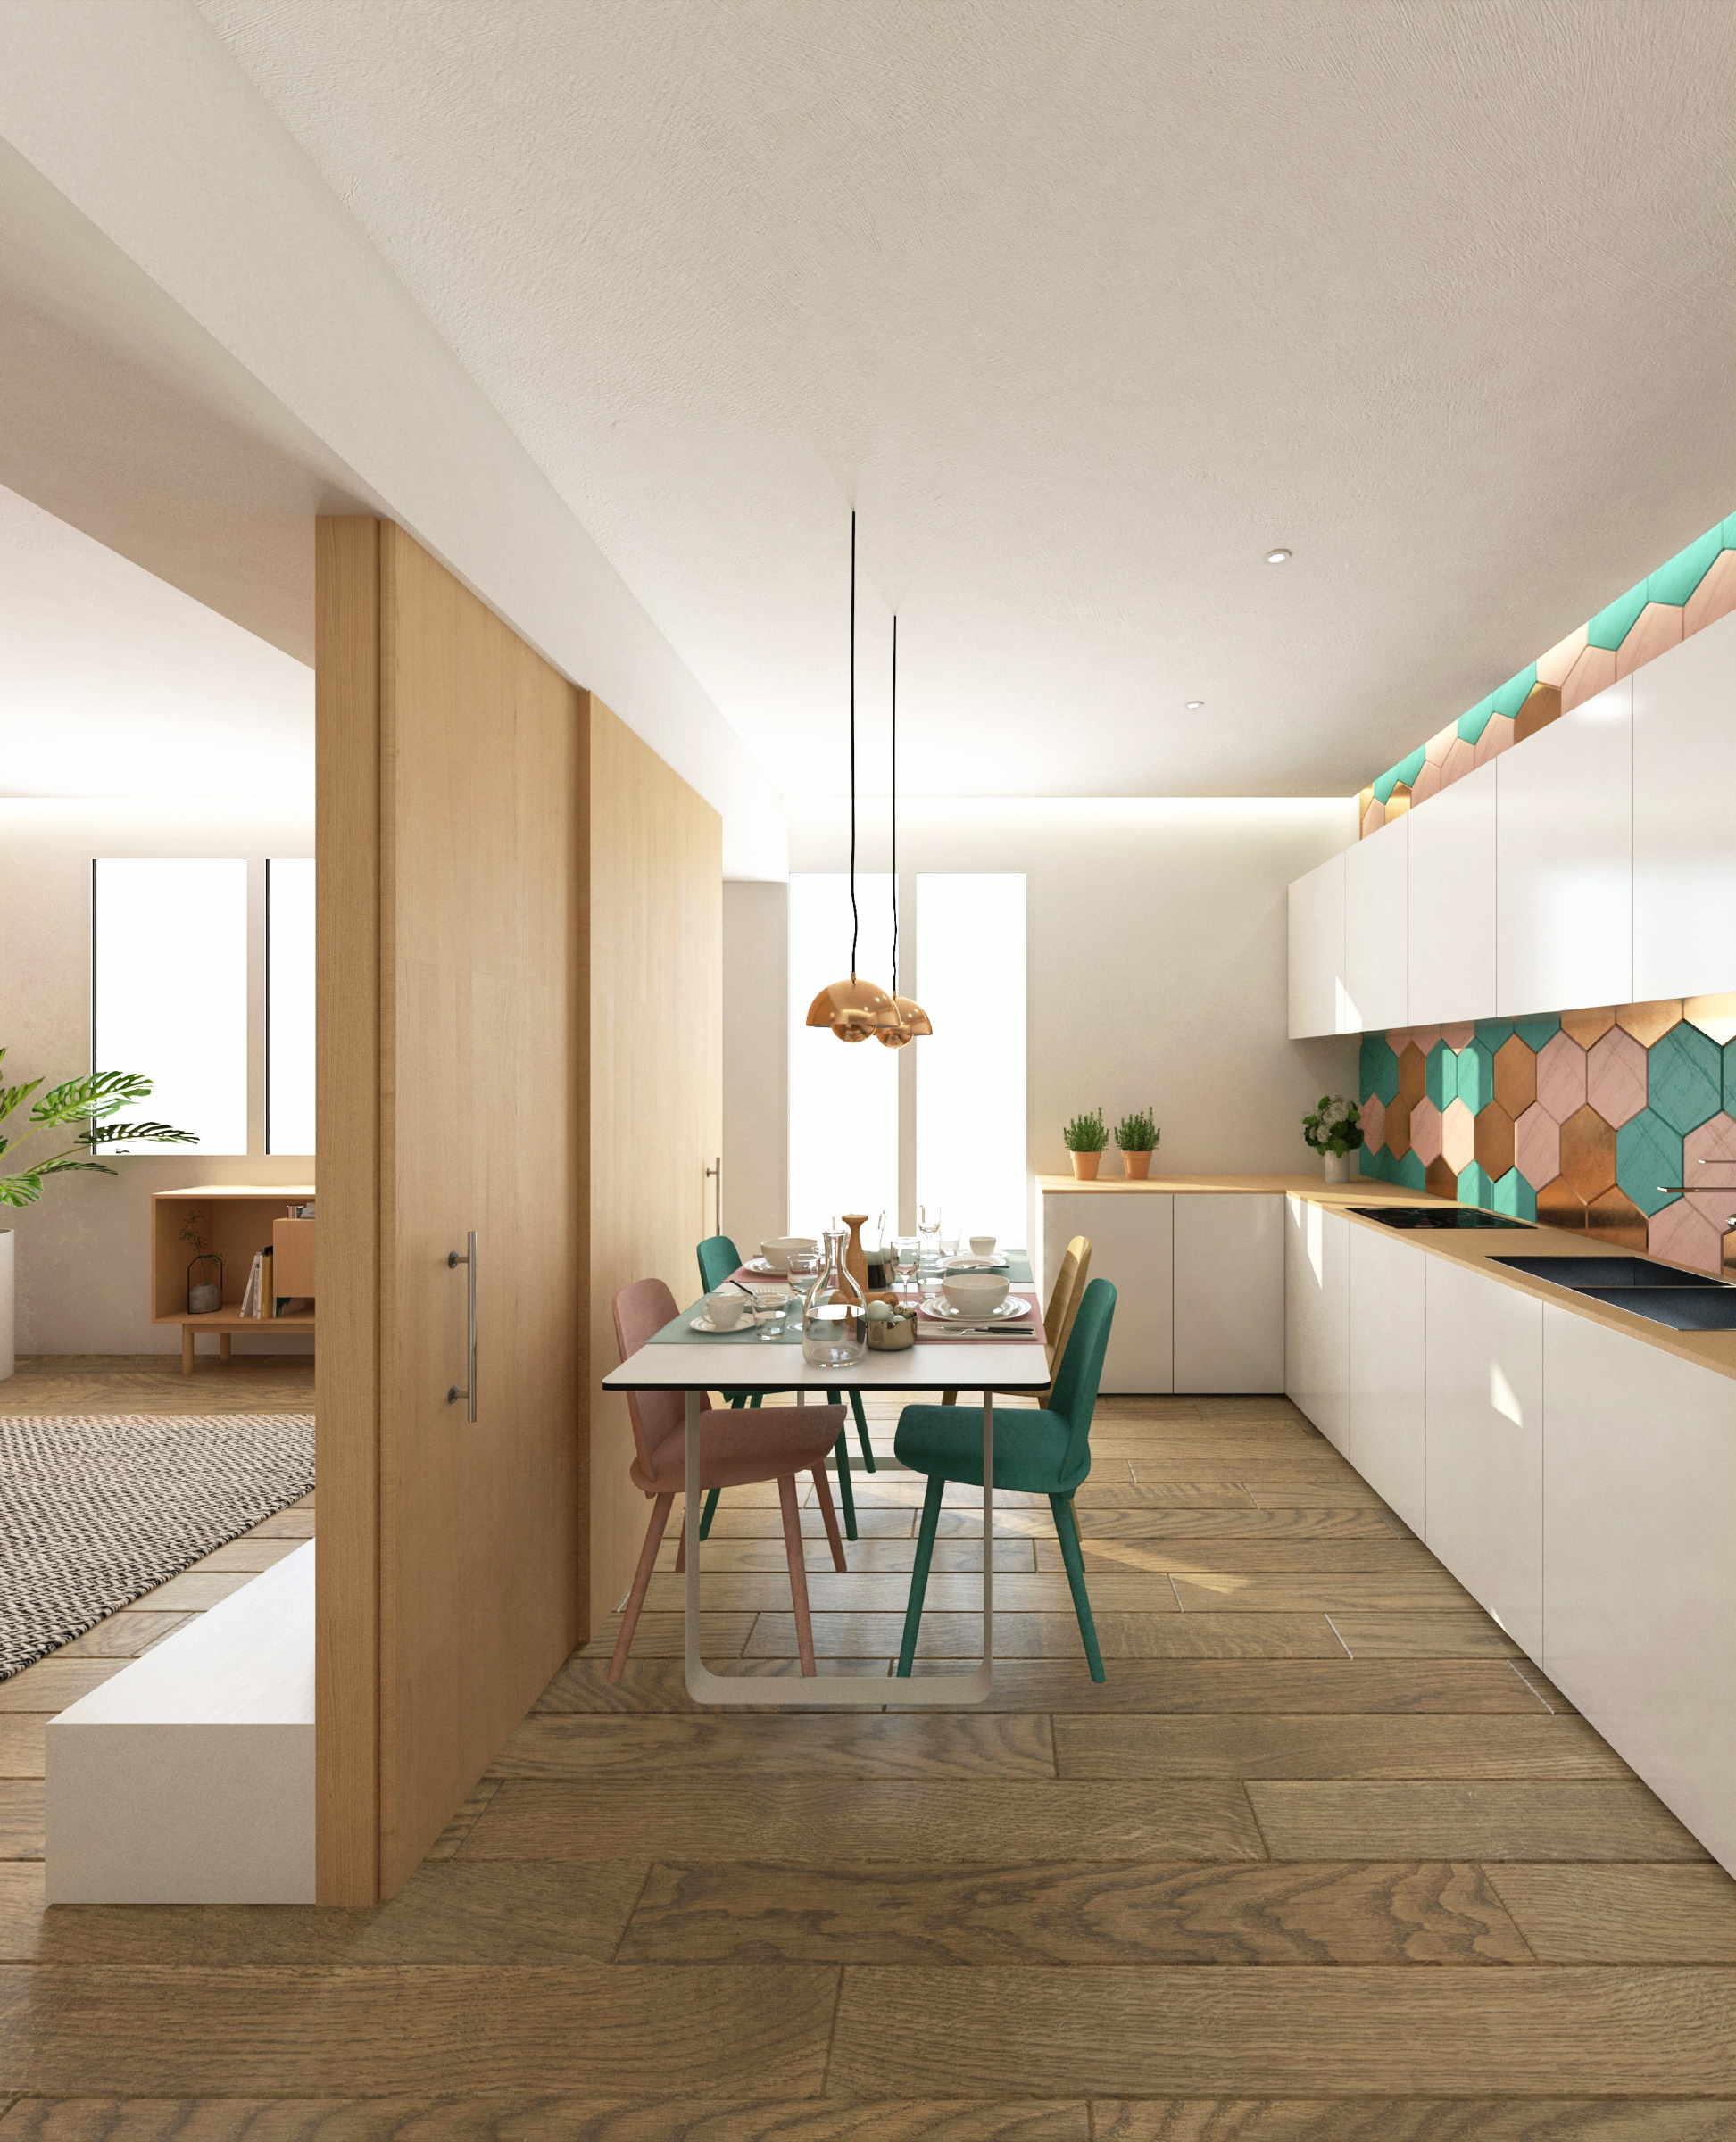 mp apt renovation lotoarchilab. Black Bedroom Furniture Sets. Home Design Ideas